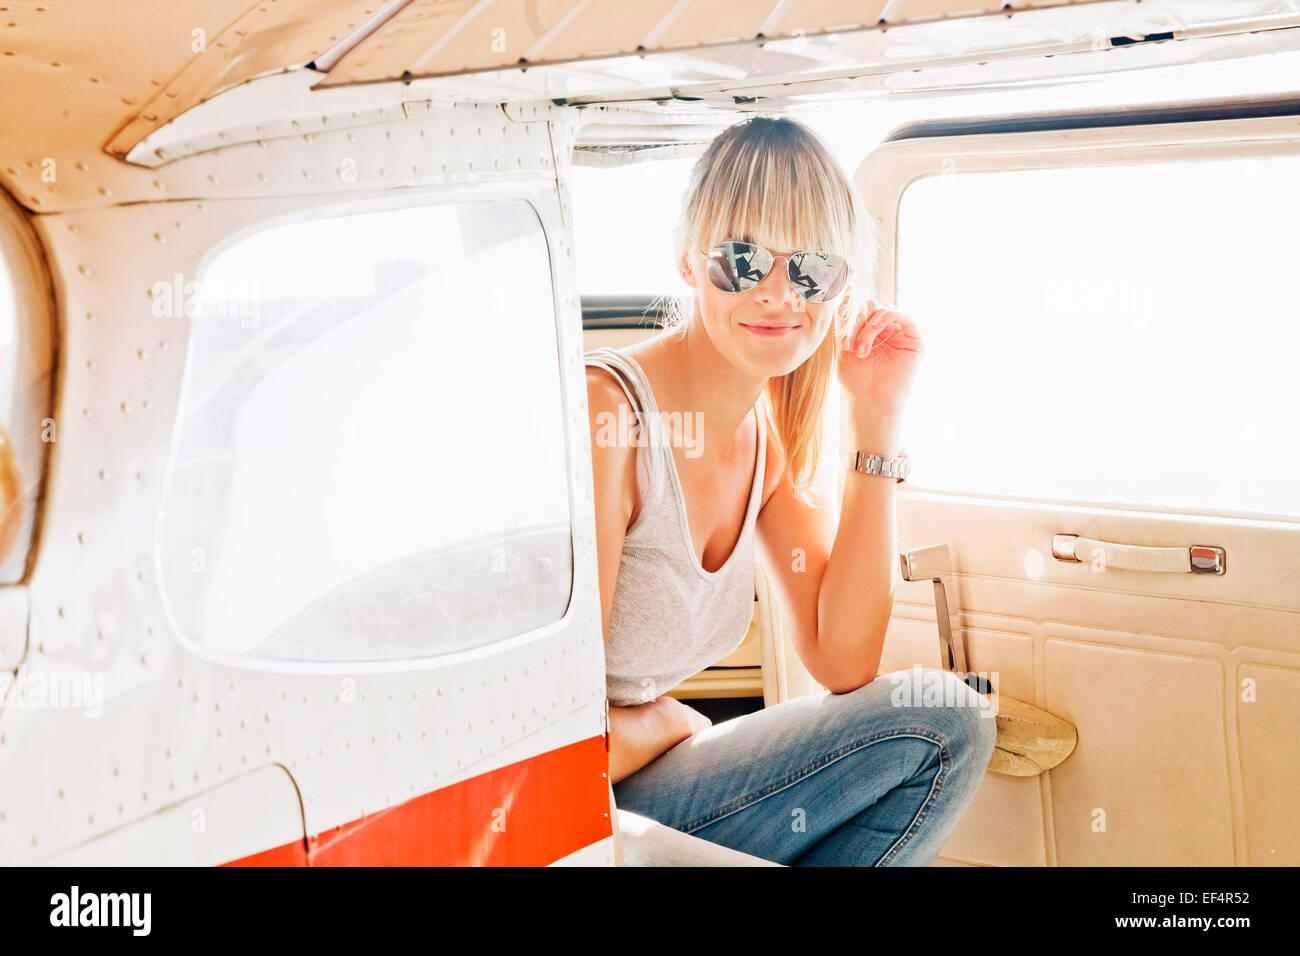 Mujer joven sentado en avión privado Imagen De Stock